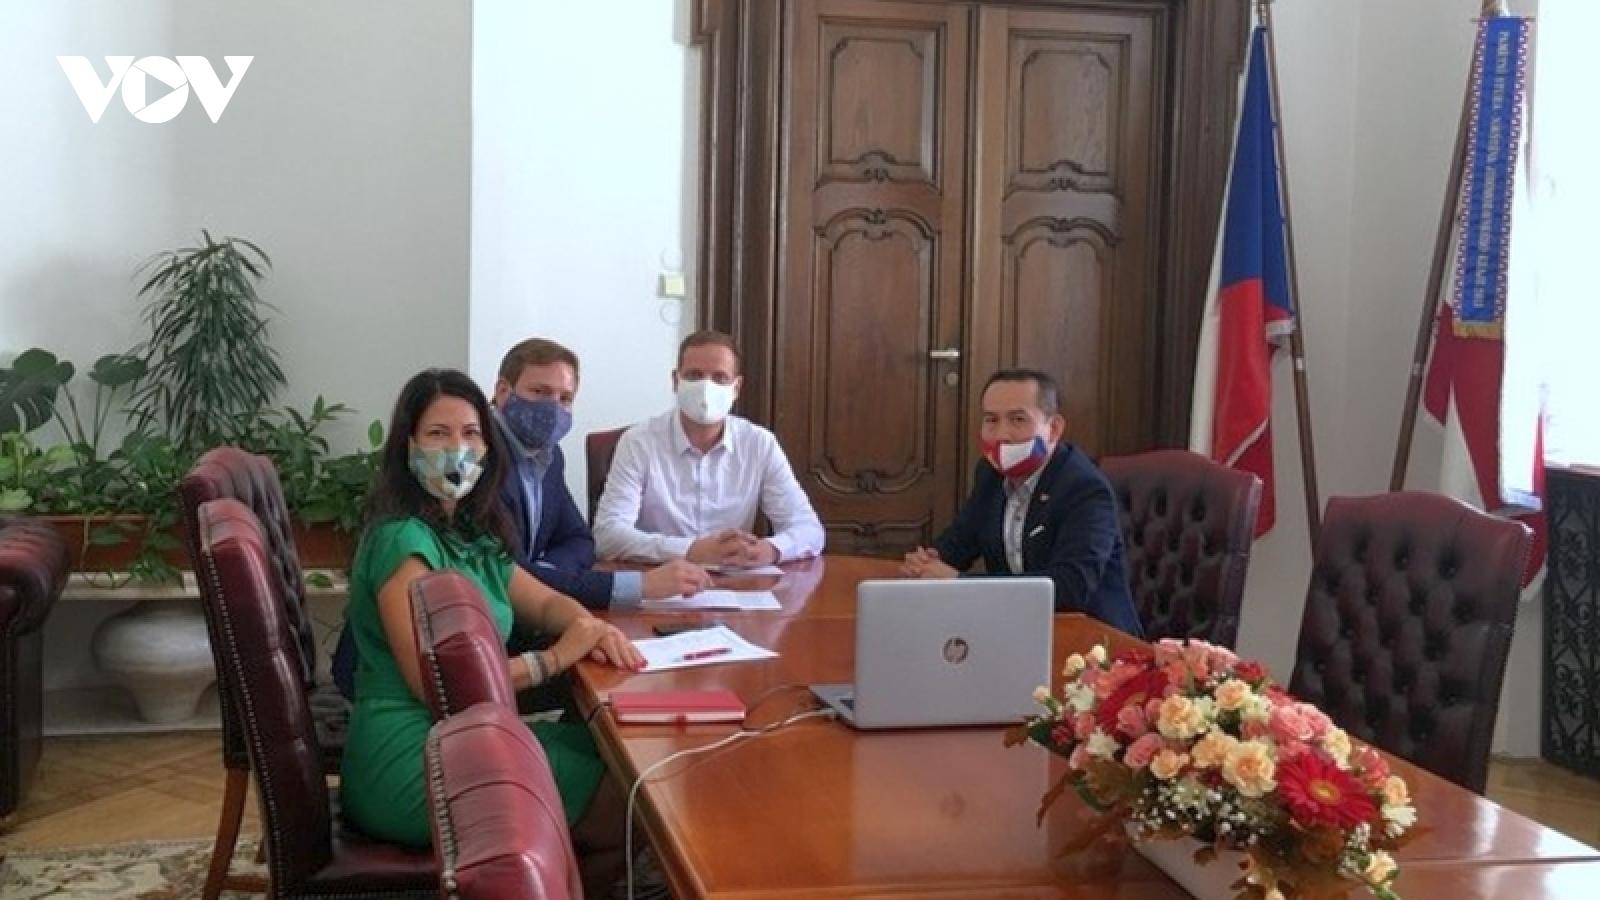 Thiết lập quan hệ hữu nghị và hợp tác toàn diện giữa Đà Nẵng và Brno (CH Séc)